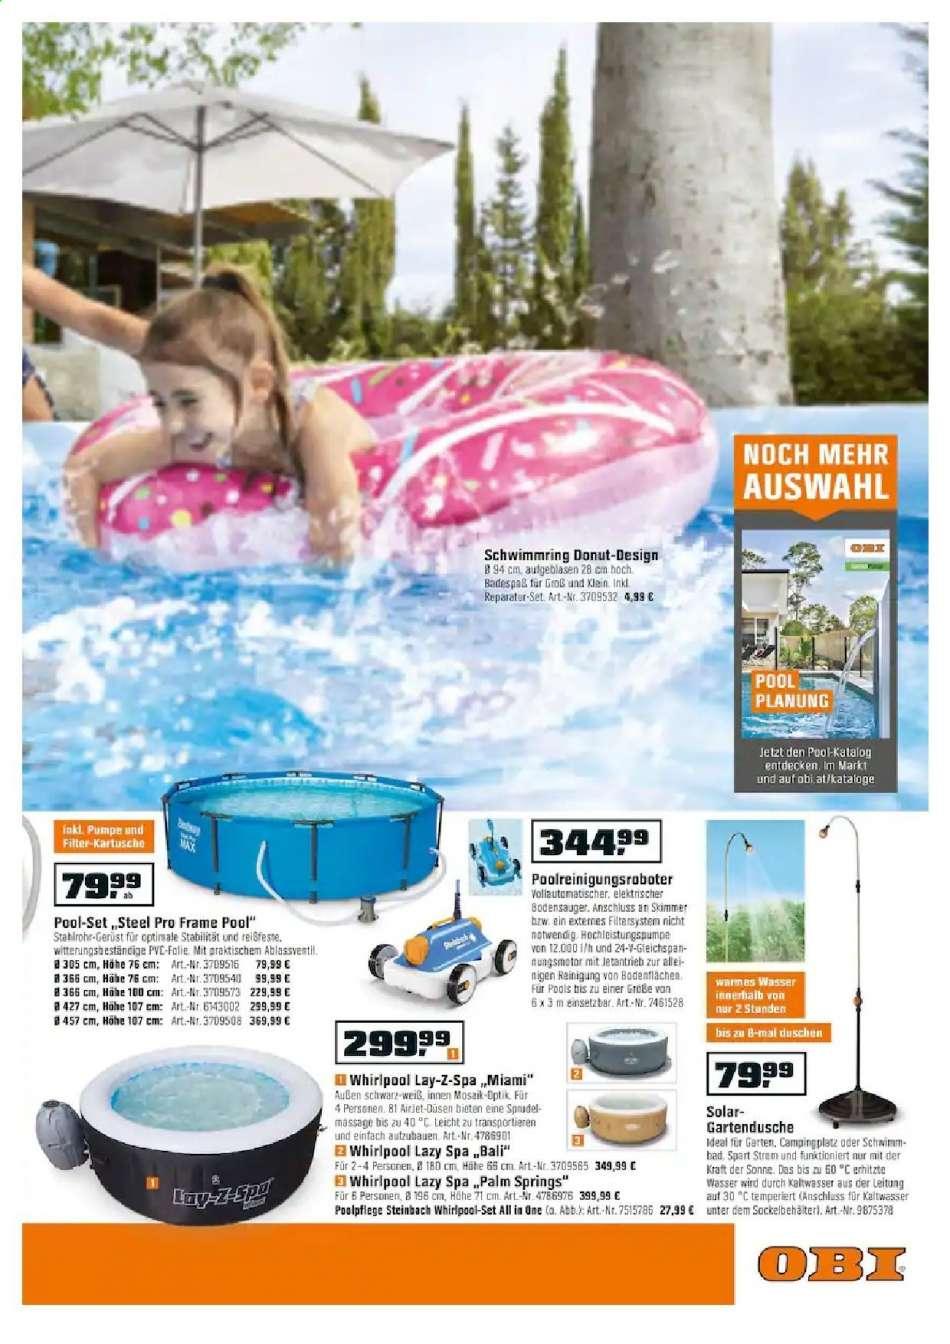 Full Size of Obi Pool Angebote 562019 1562019 Rabatt Kompass Garten Whirlpool Nobilia Küche Einbauküche Swimmingpool Schwimmingpool Für Den Regale Immobilien Bad Homburg Wohnzimmer Obi Pool